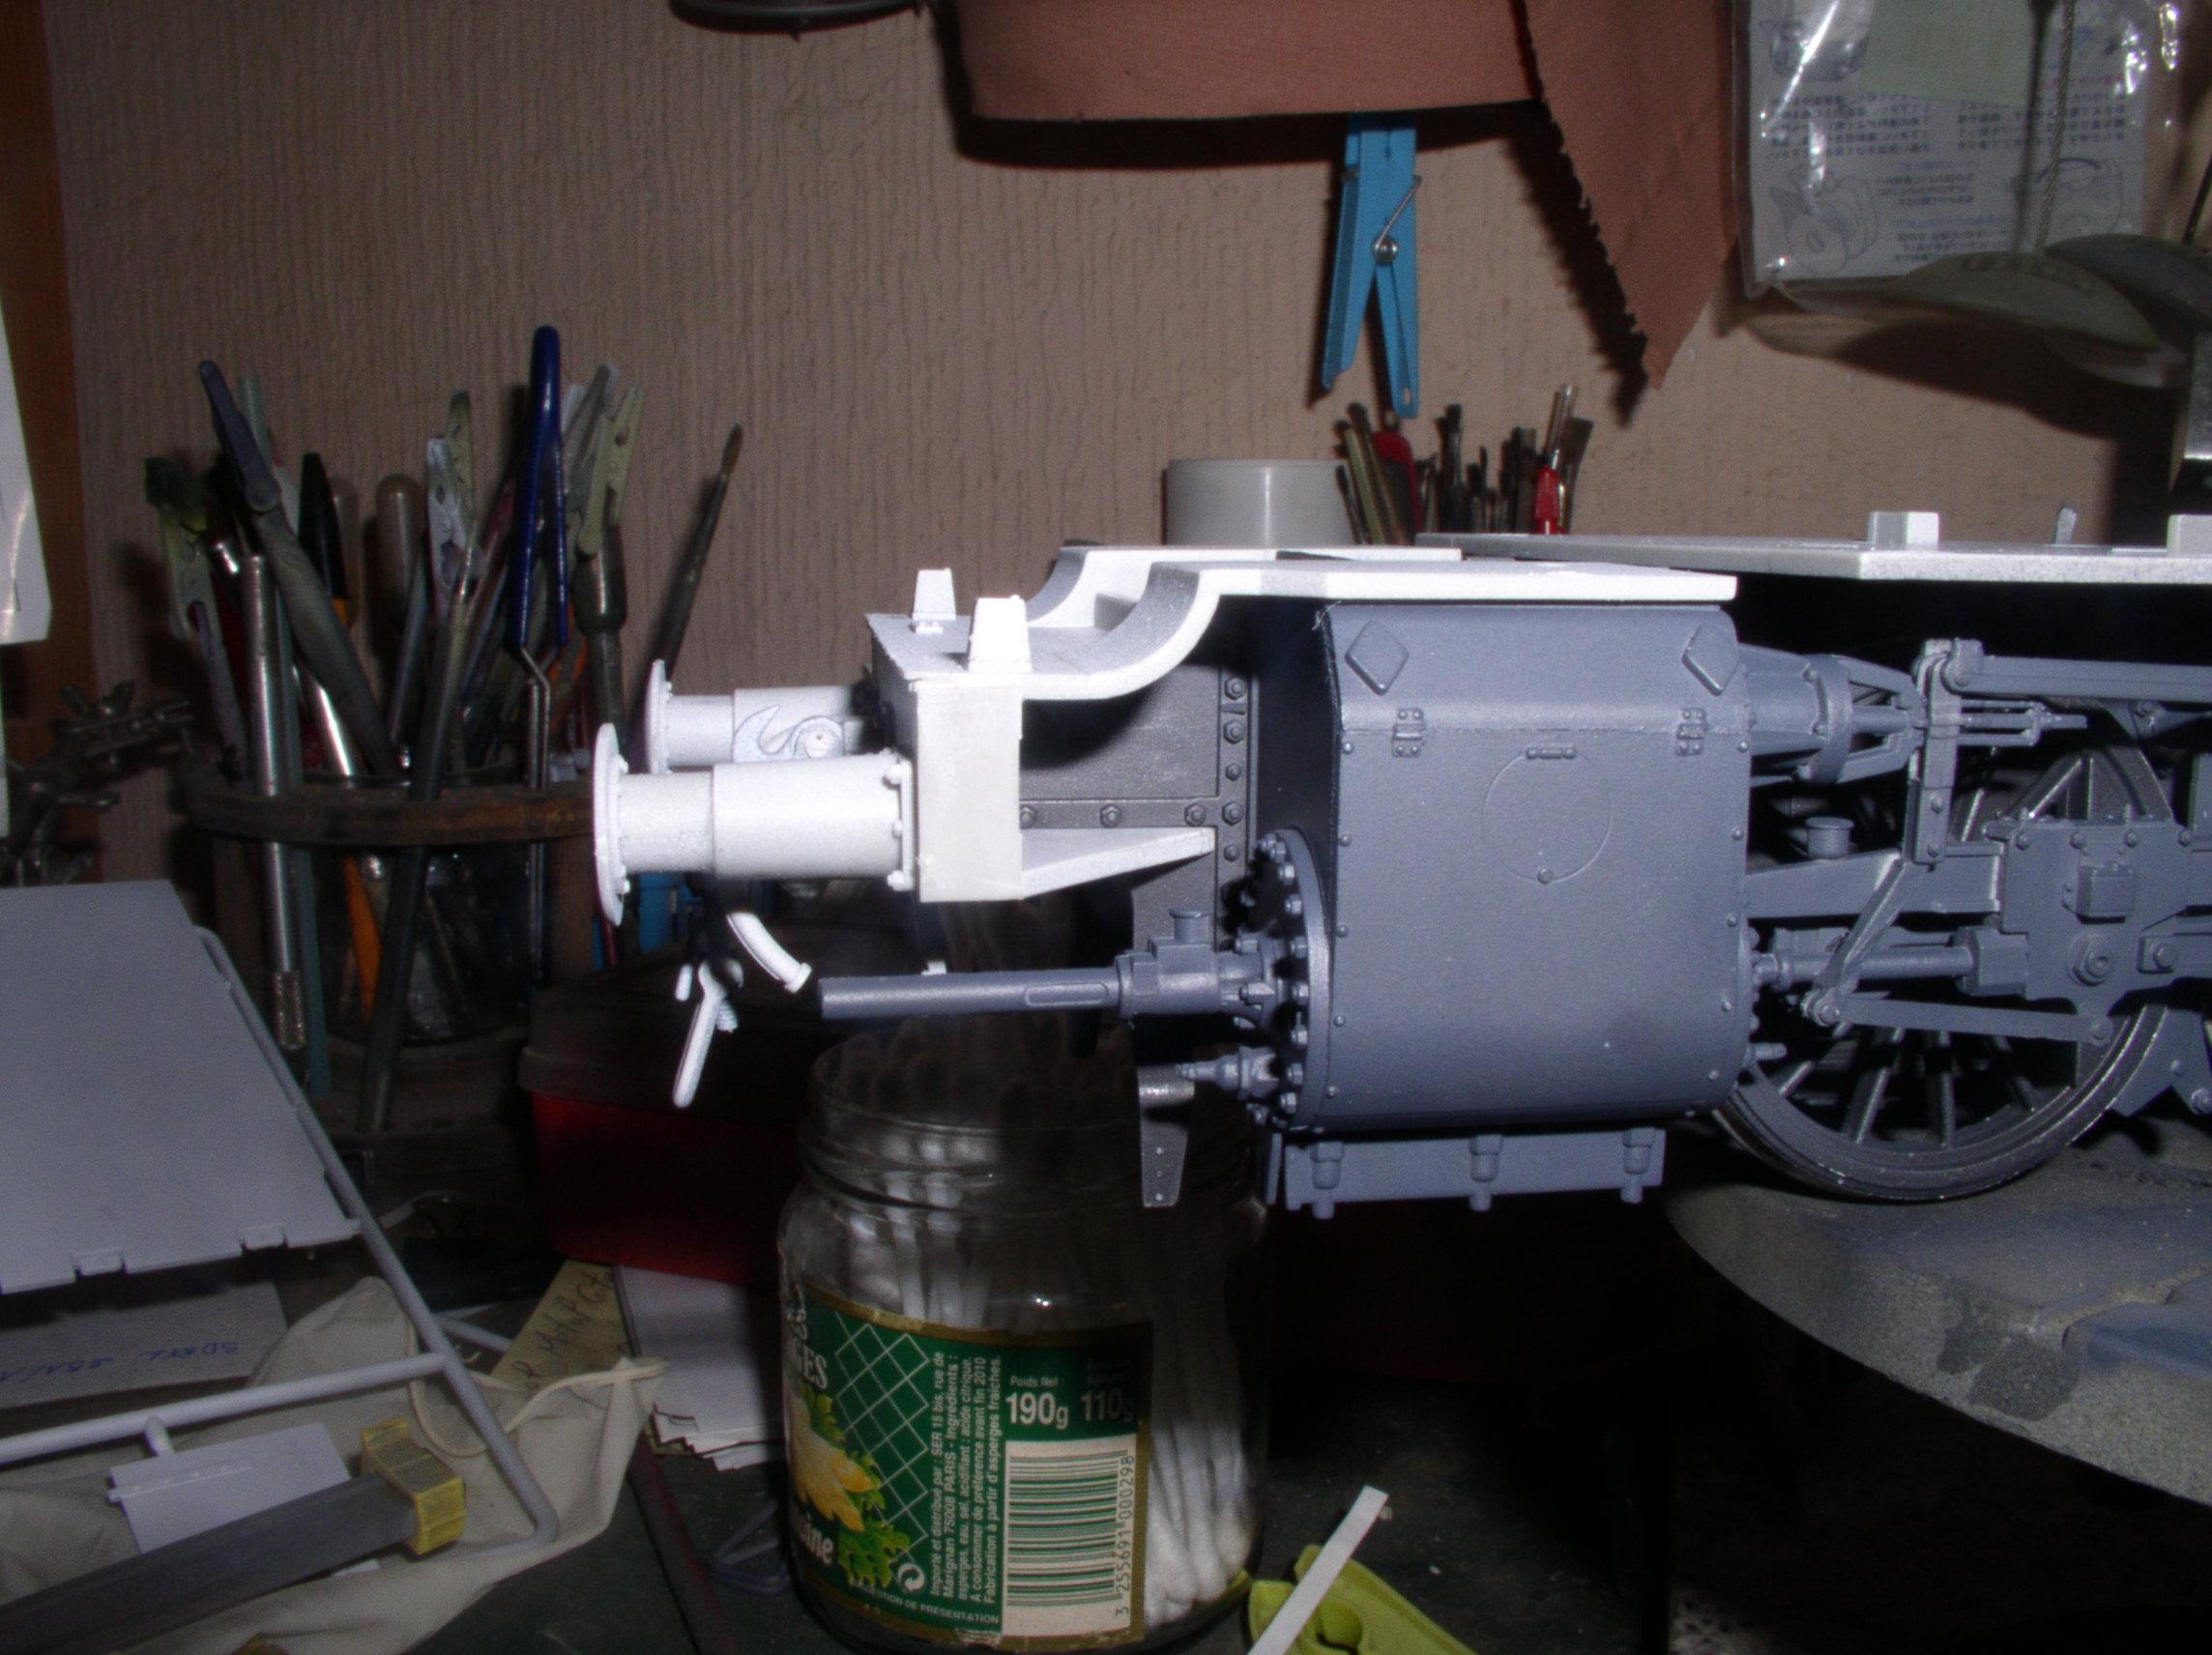 peinture - (Thunderbird) BR 57 Baureihe Panzerlok (Peinture en cours)  - Page 2 33497266